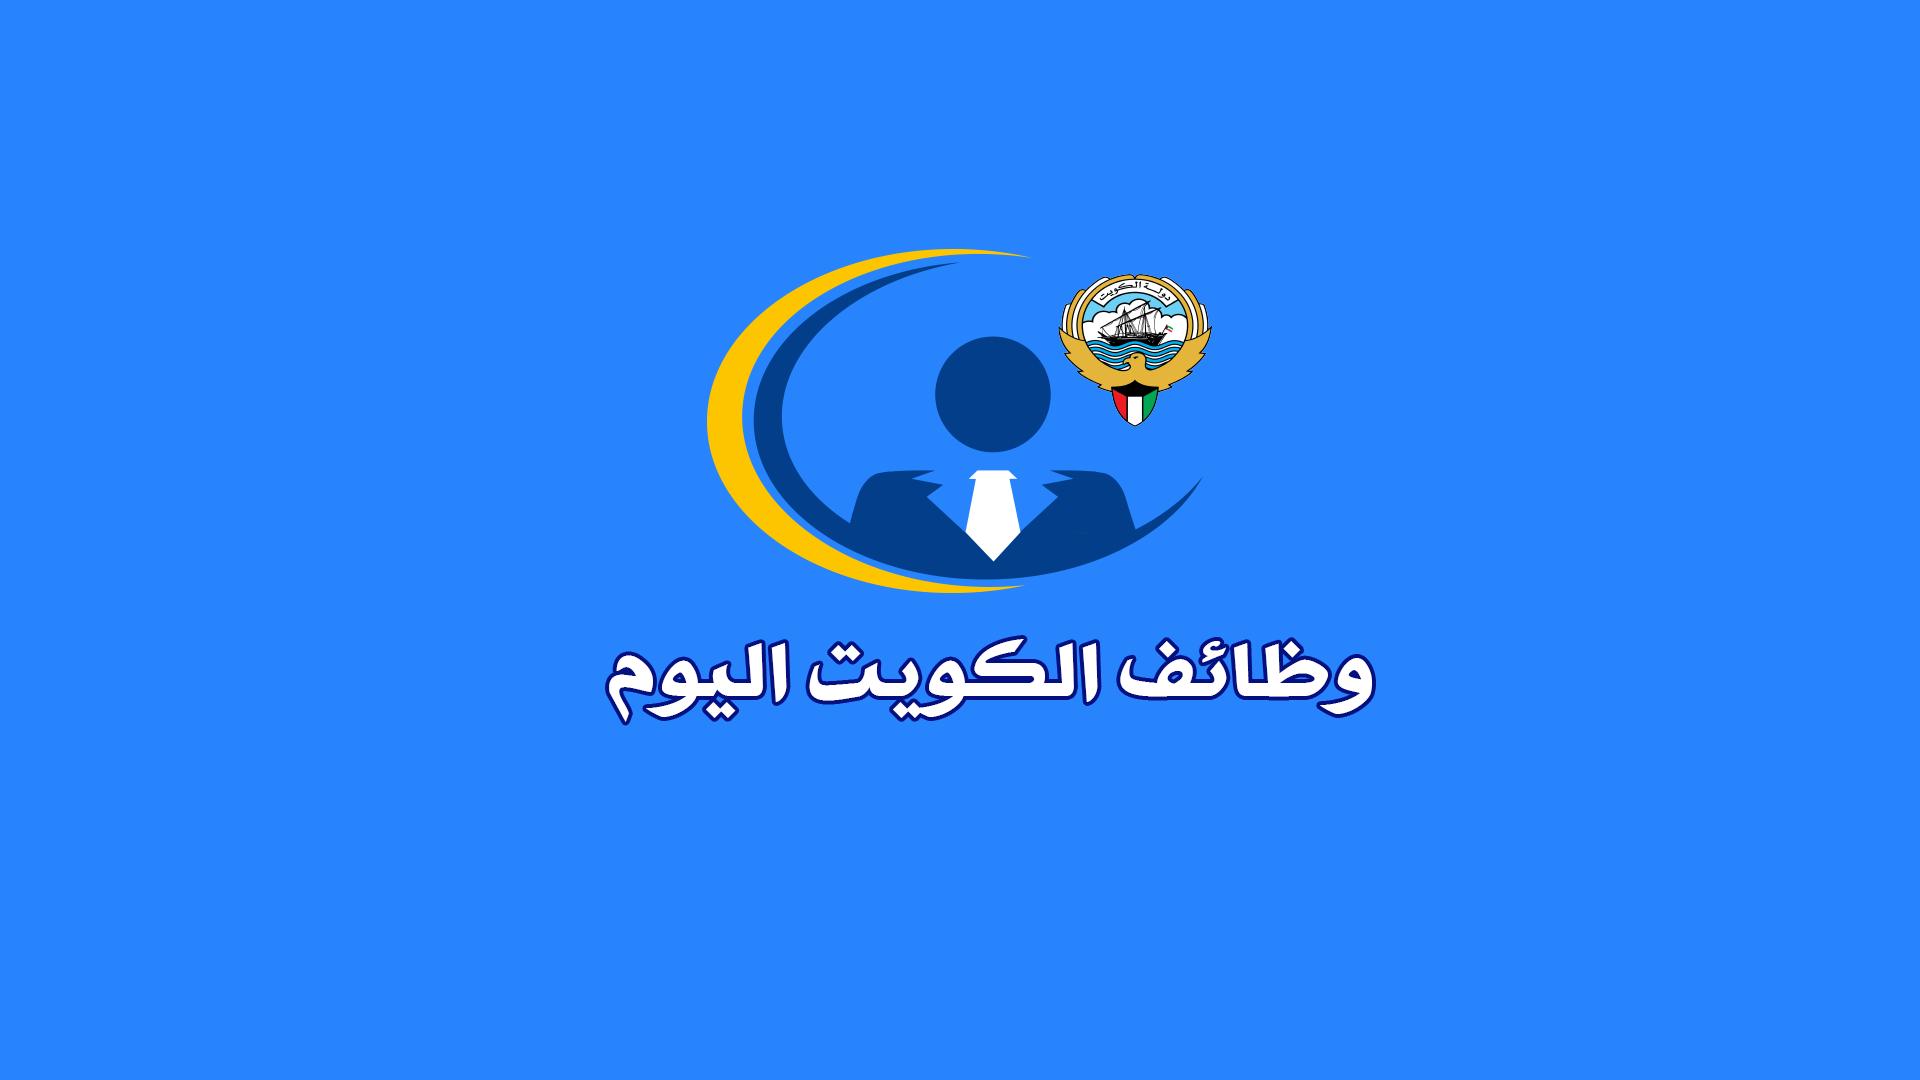 نشرة توظيف بفرص العمل الواردة بالصحافة الكويتية ليوم الإثنين 19 أكتوبر 2020